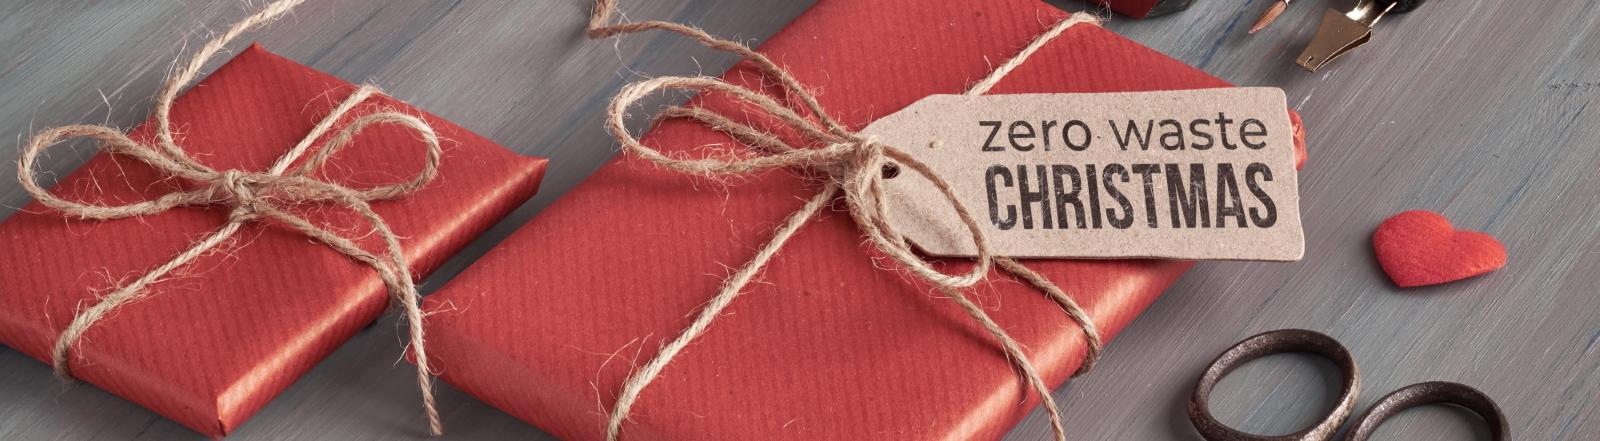 Przygotuj się na Święta zero waste. 7 sposobów, jak poradzić sobie z odpadami